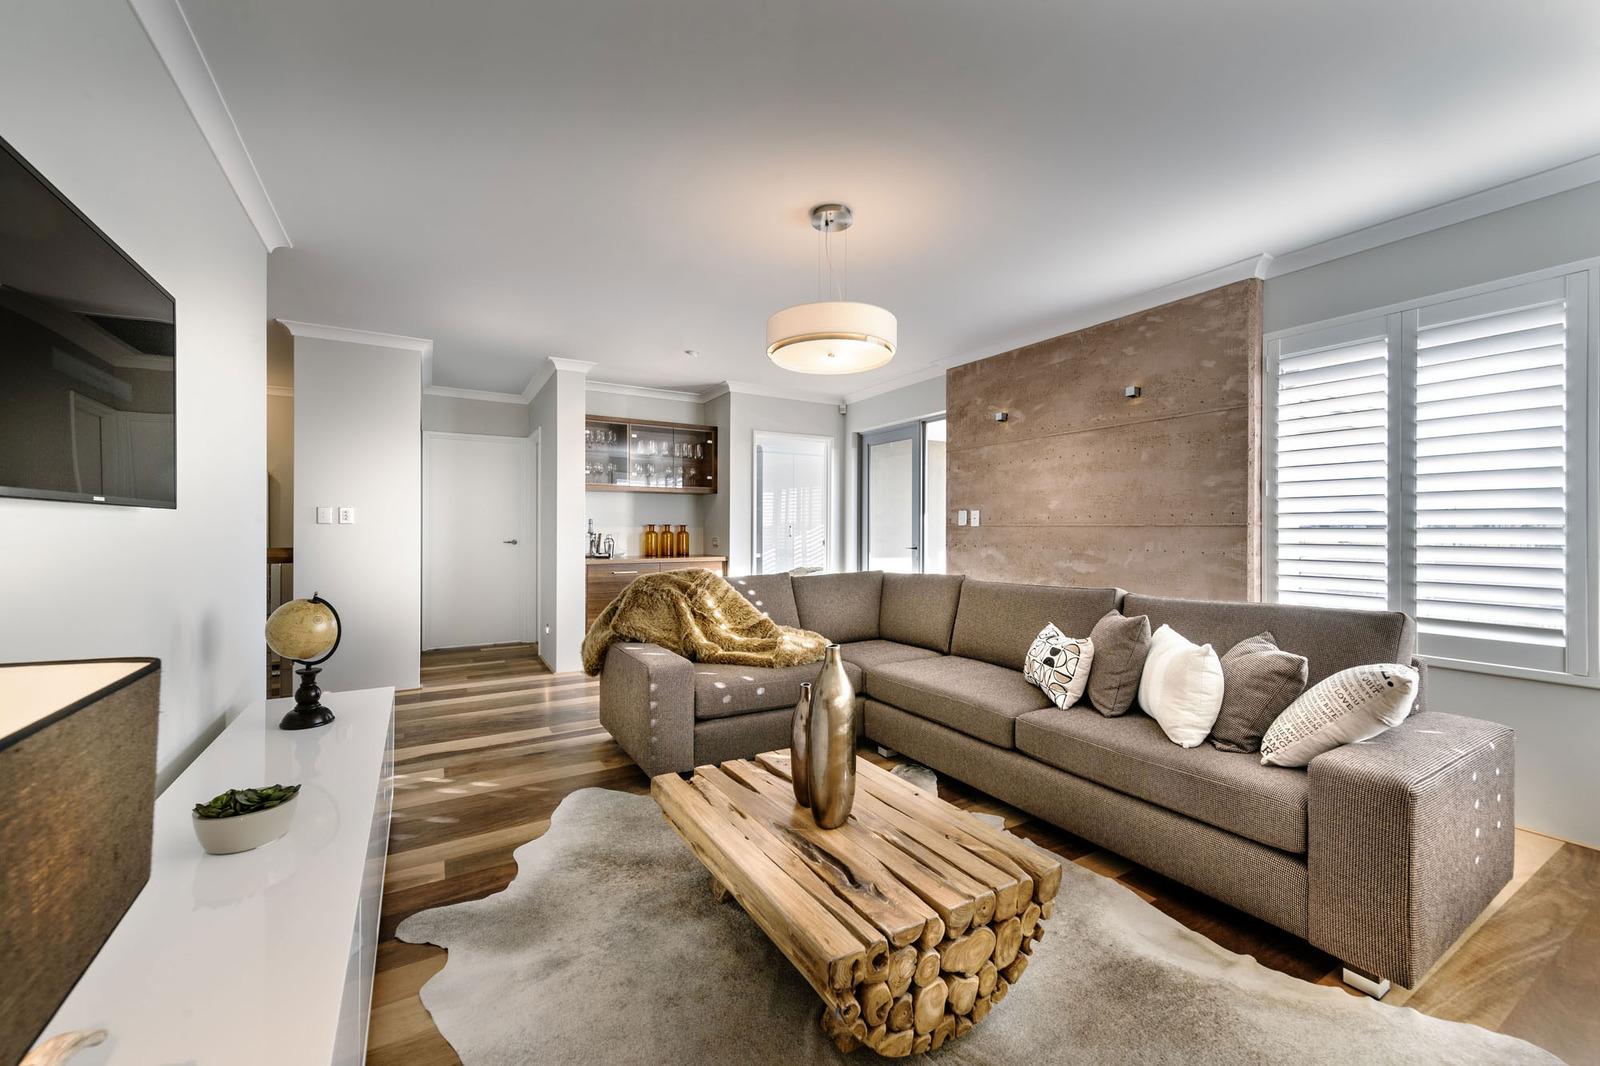 combinación decorativa de una casa moderna